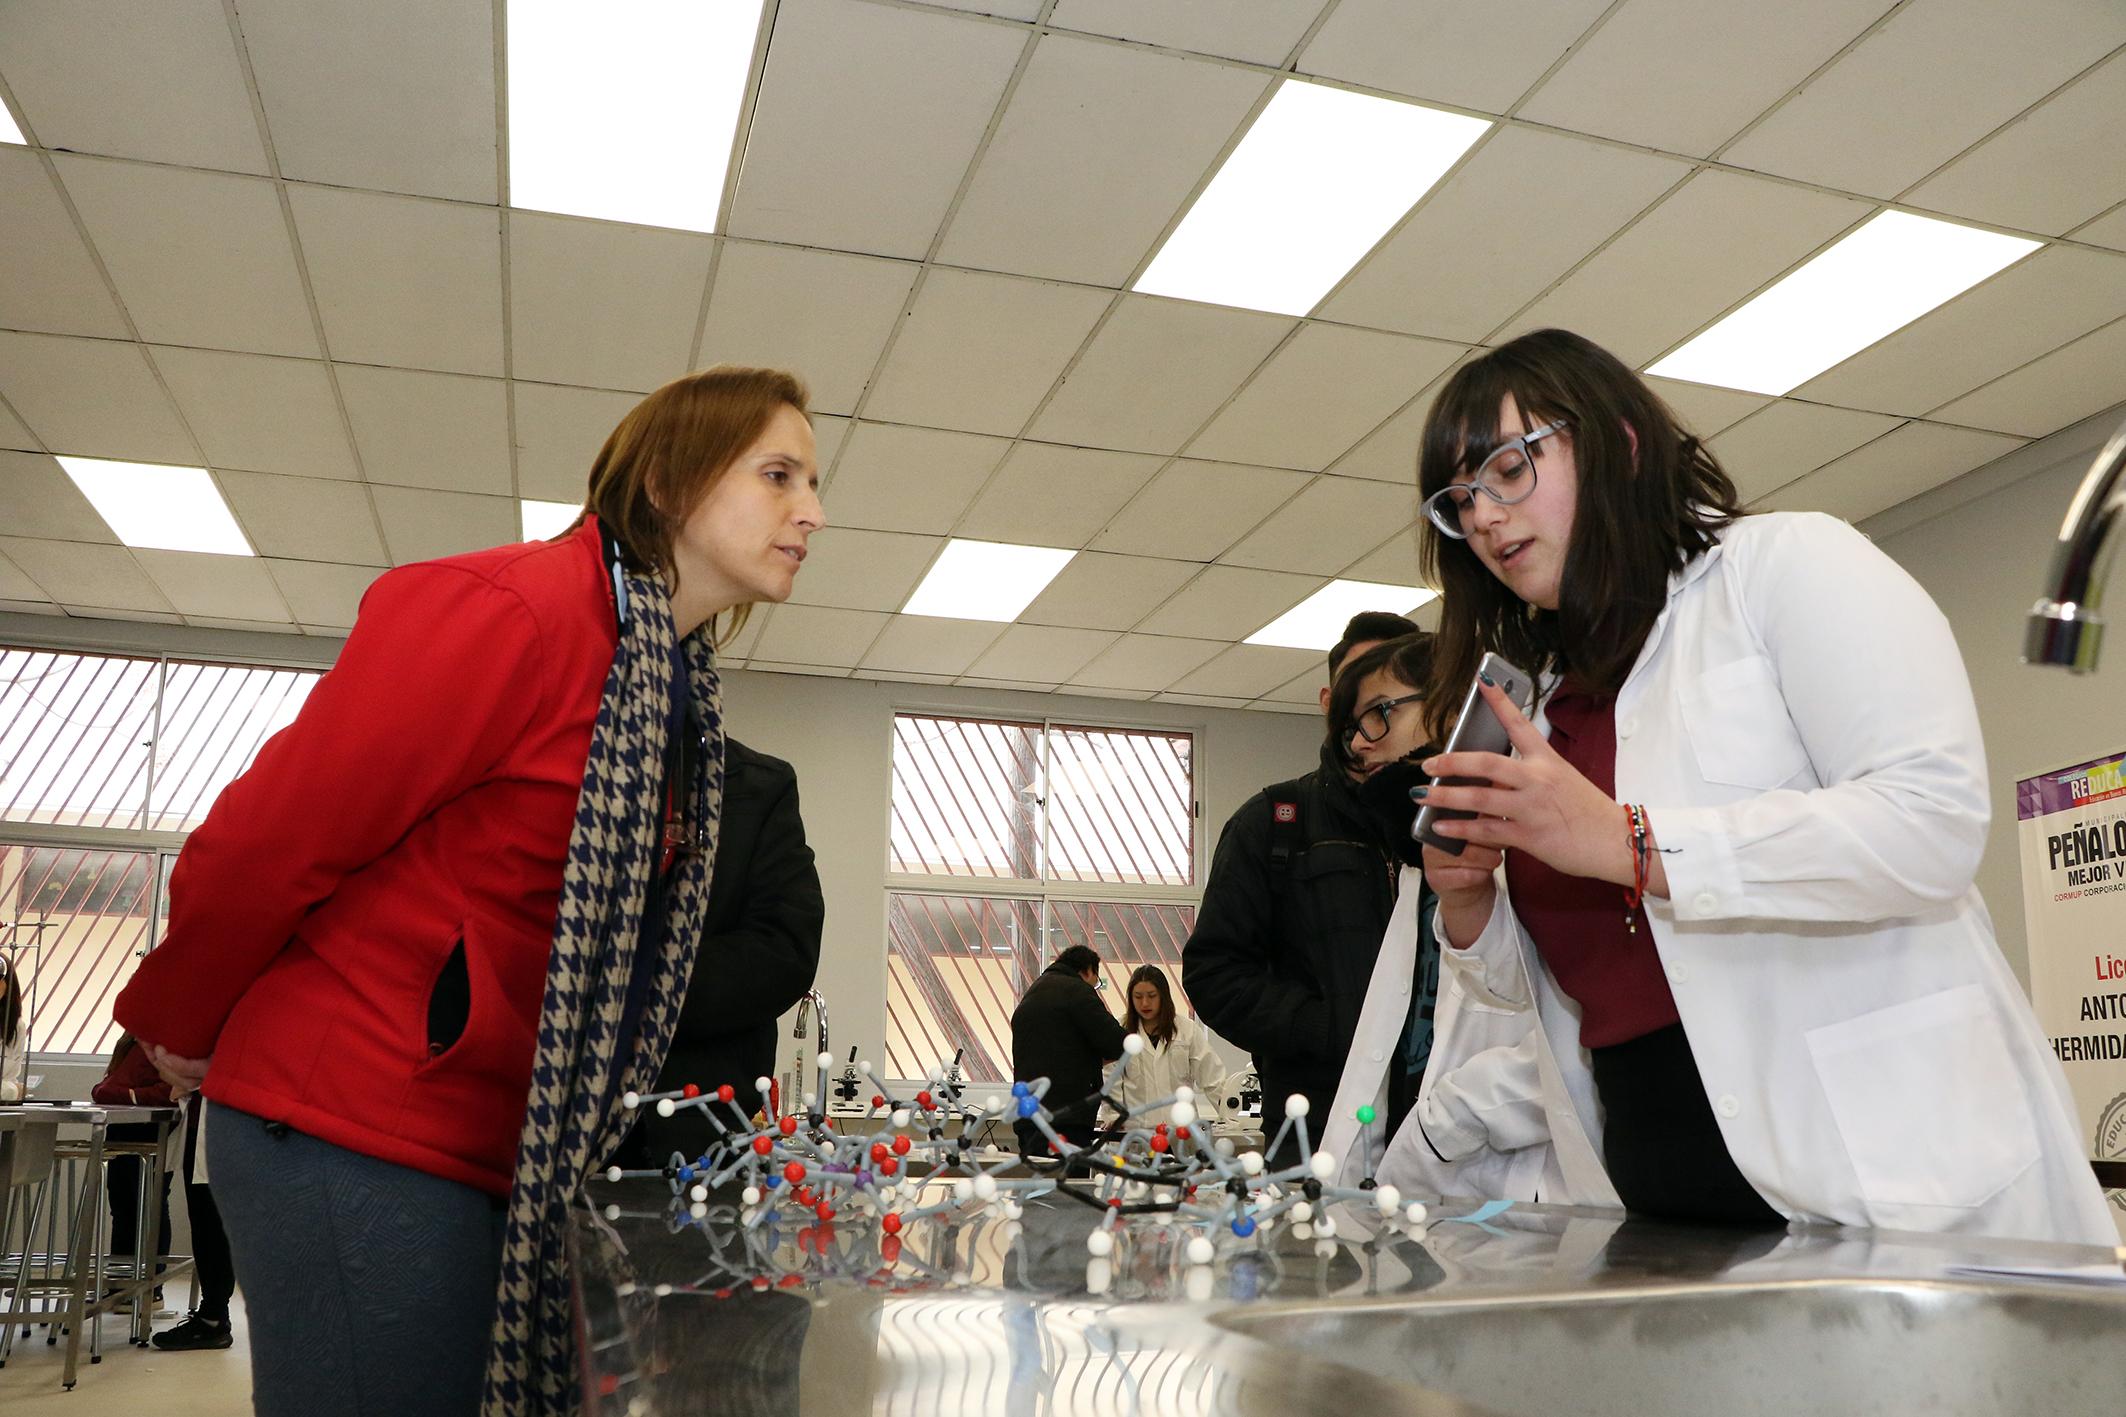 Laboratorio-de-Ciencias-Liceo-Antonio-Hermida-Fabres-08